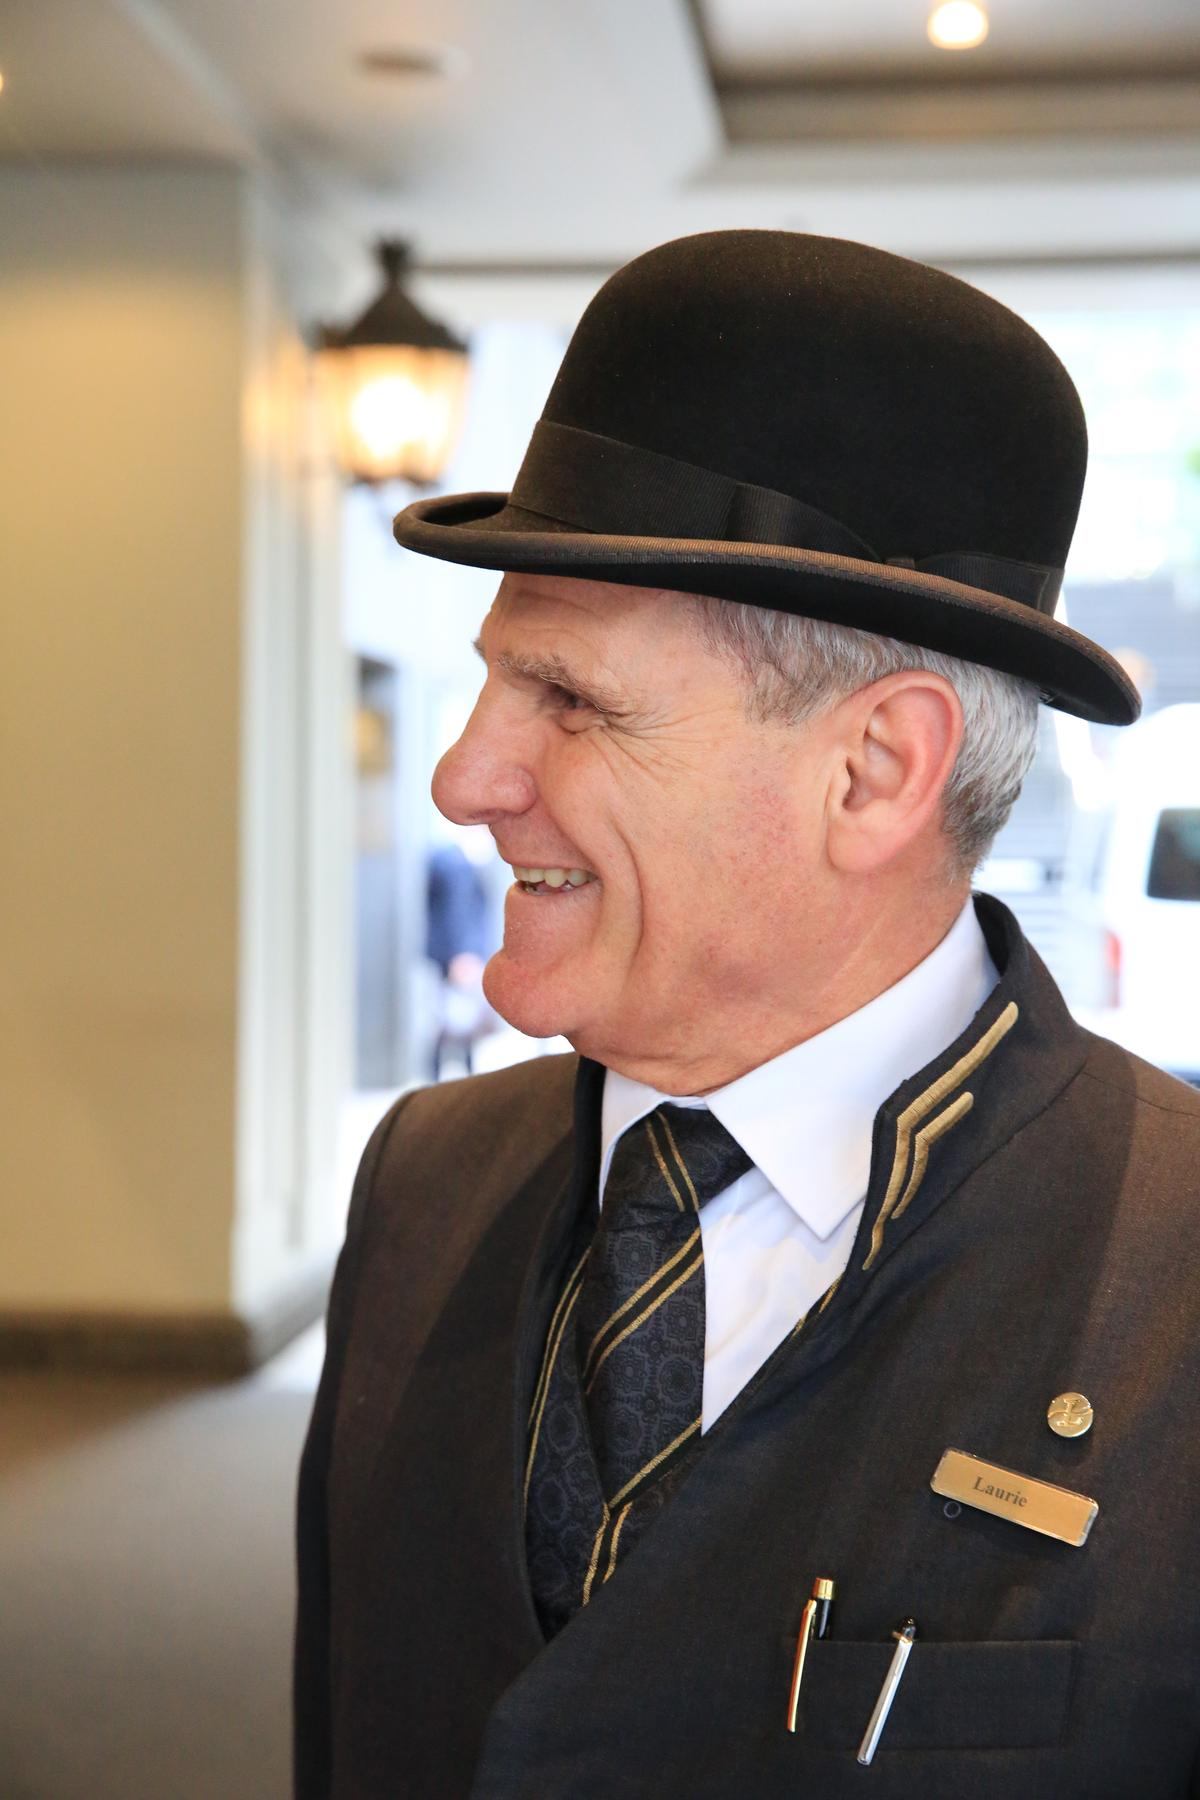 很有英倫風範的Bellboy,親切招呼,歡迎旅人回到墨爾本的家。